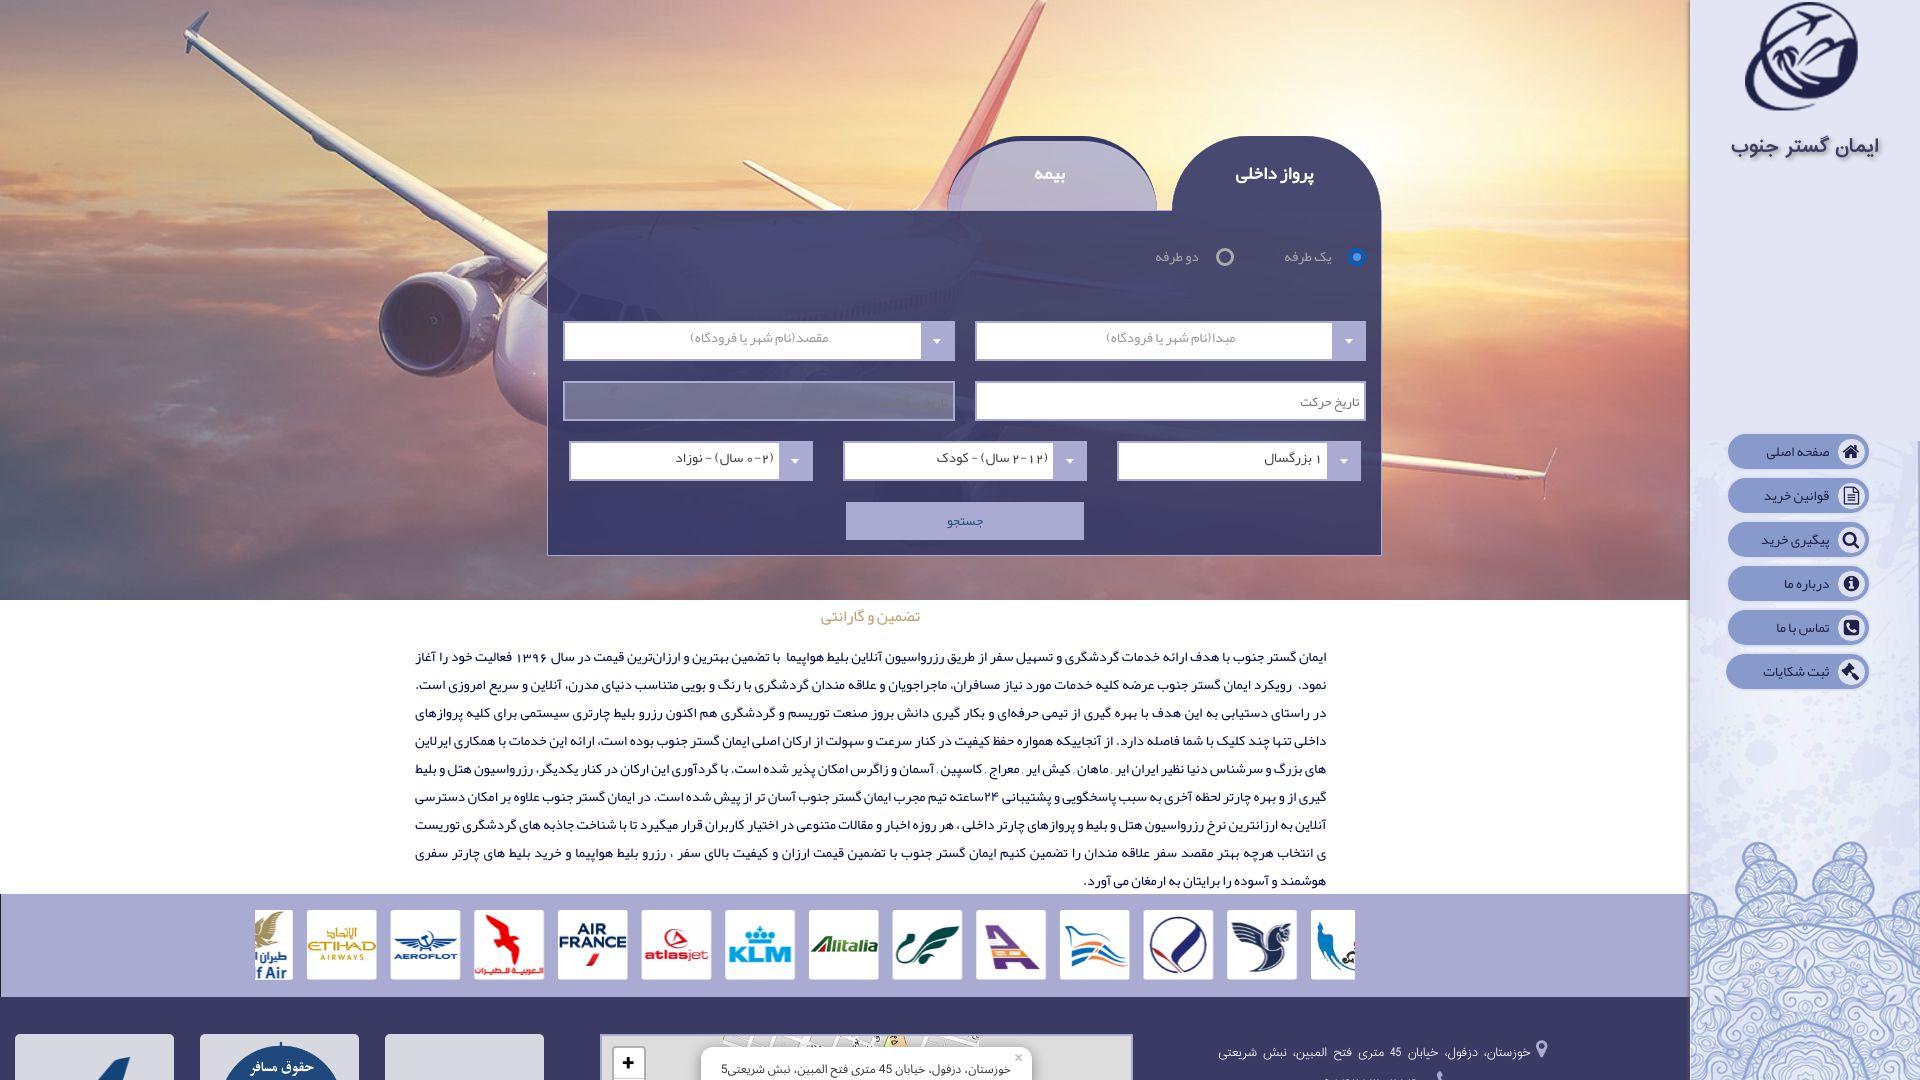 طراحی سیستم - طراحی سایت آژانس مسافرتی ایمان گستر جنوب